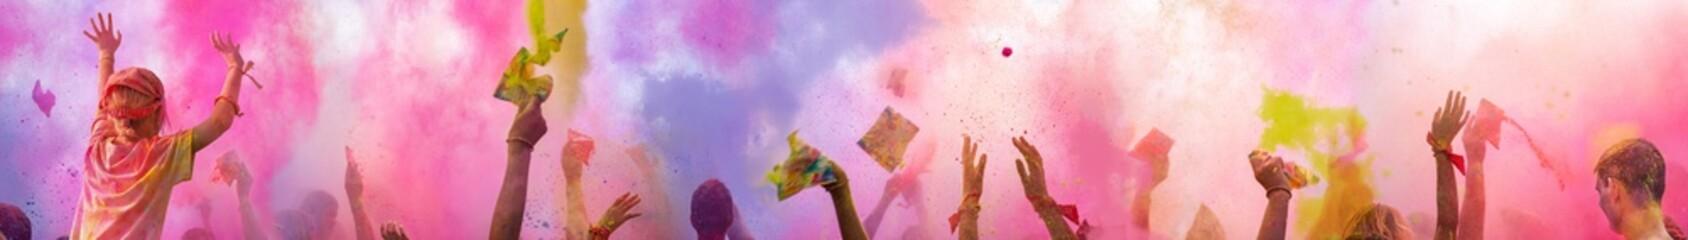 XXXL Breitbild - Holi Fest begeisterte Menschen jubeln auf einem Holifestival, tanzen und werfen mit buntem Holipulver